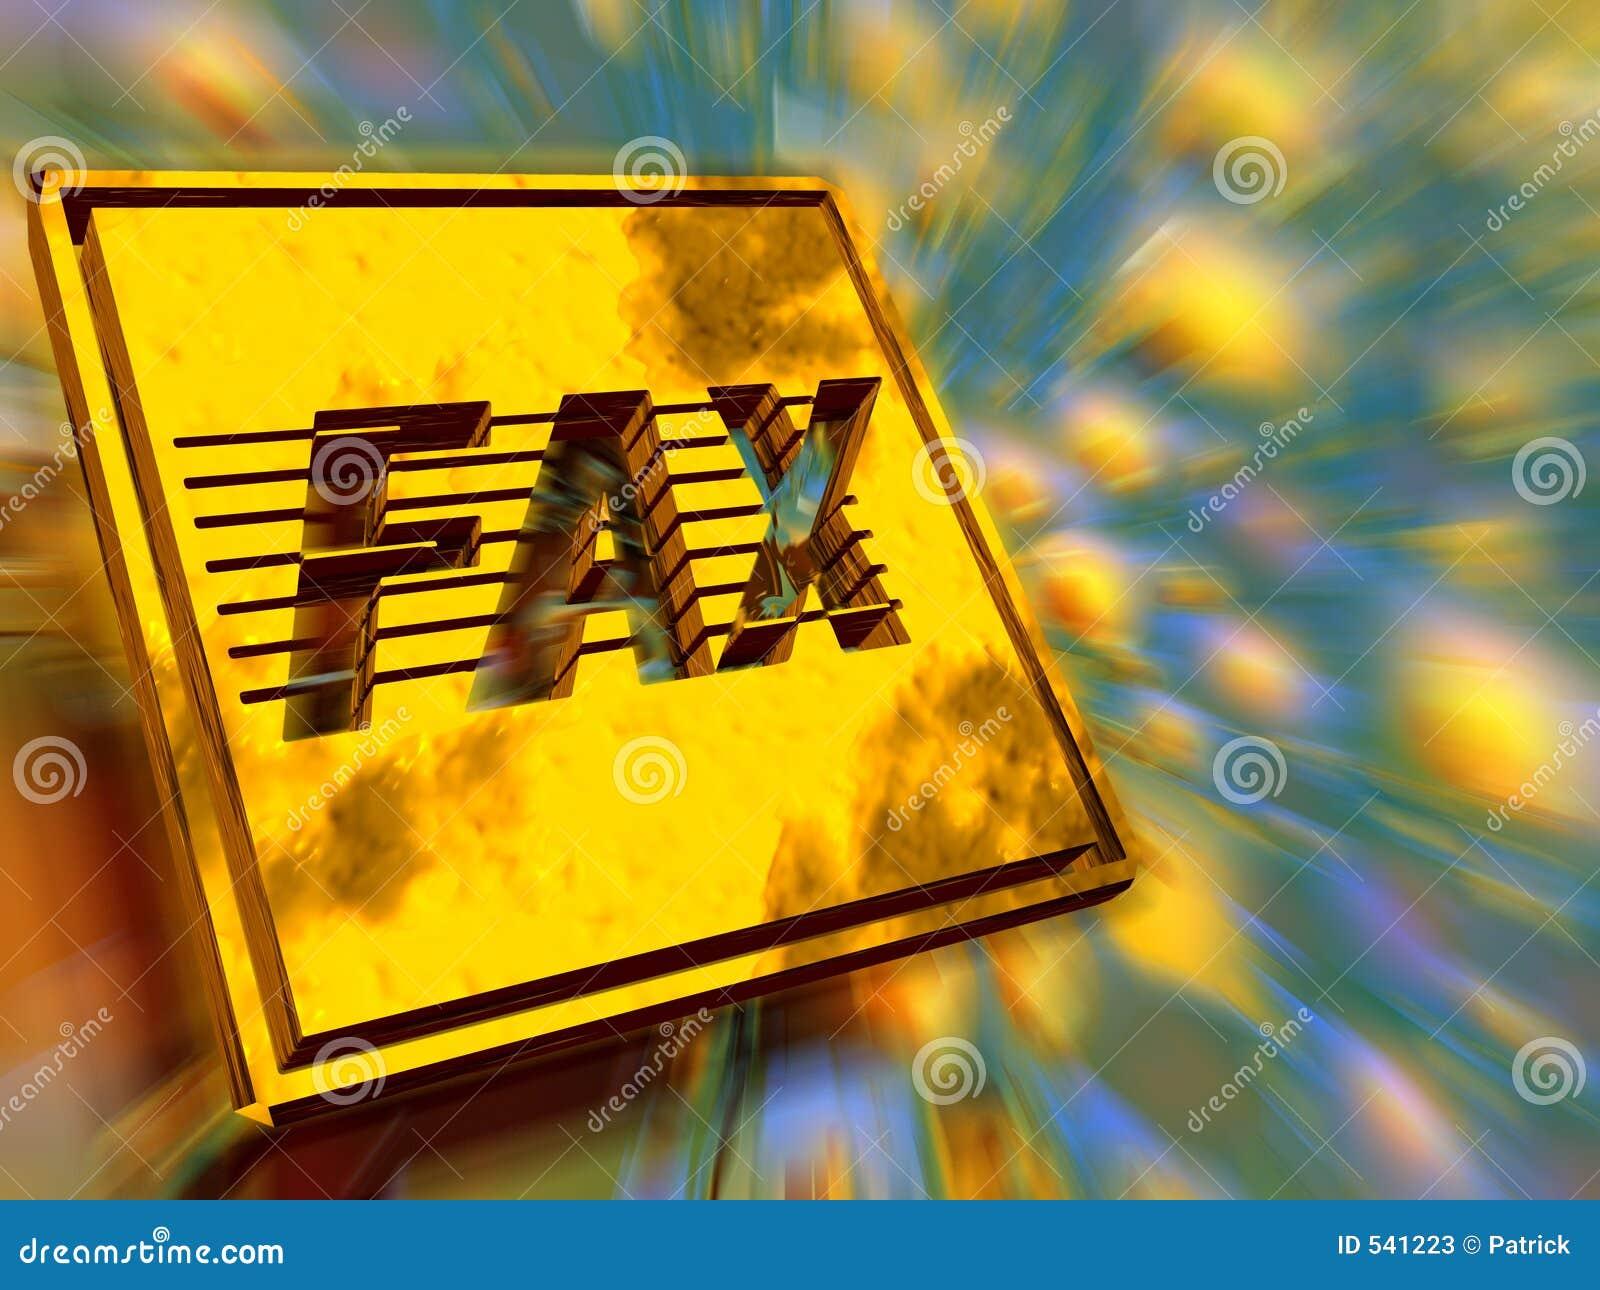 Download 传真金器速度 库存例证. 插画 包括有 传真, 通知, 背包, 通信, 反射, 墙纸, 设计, 世界, 反映 - 541223